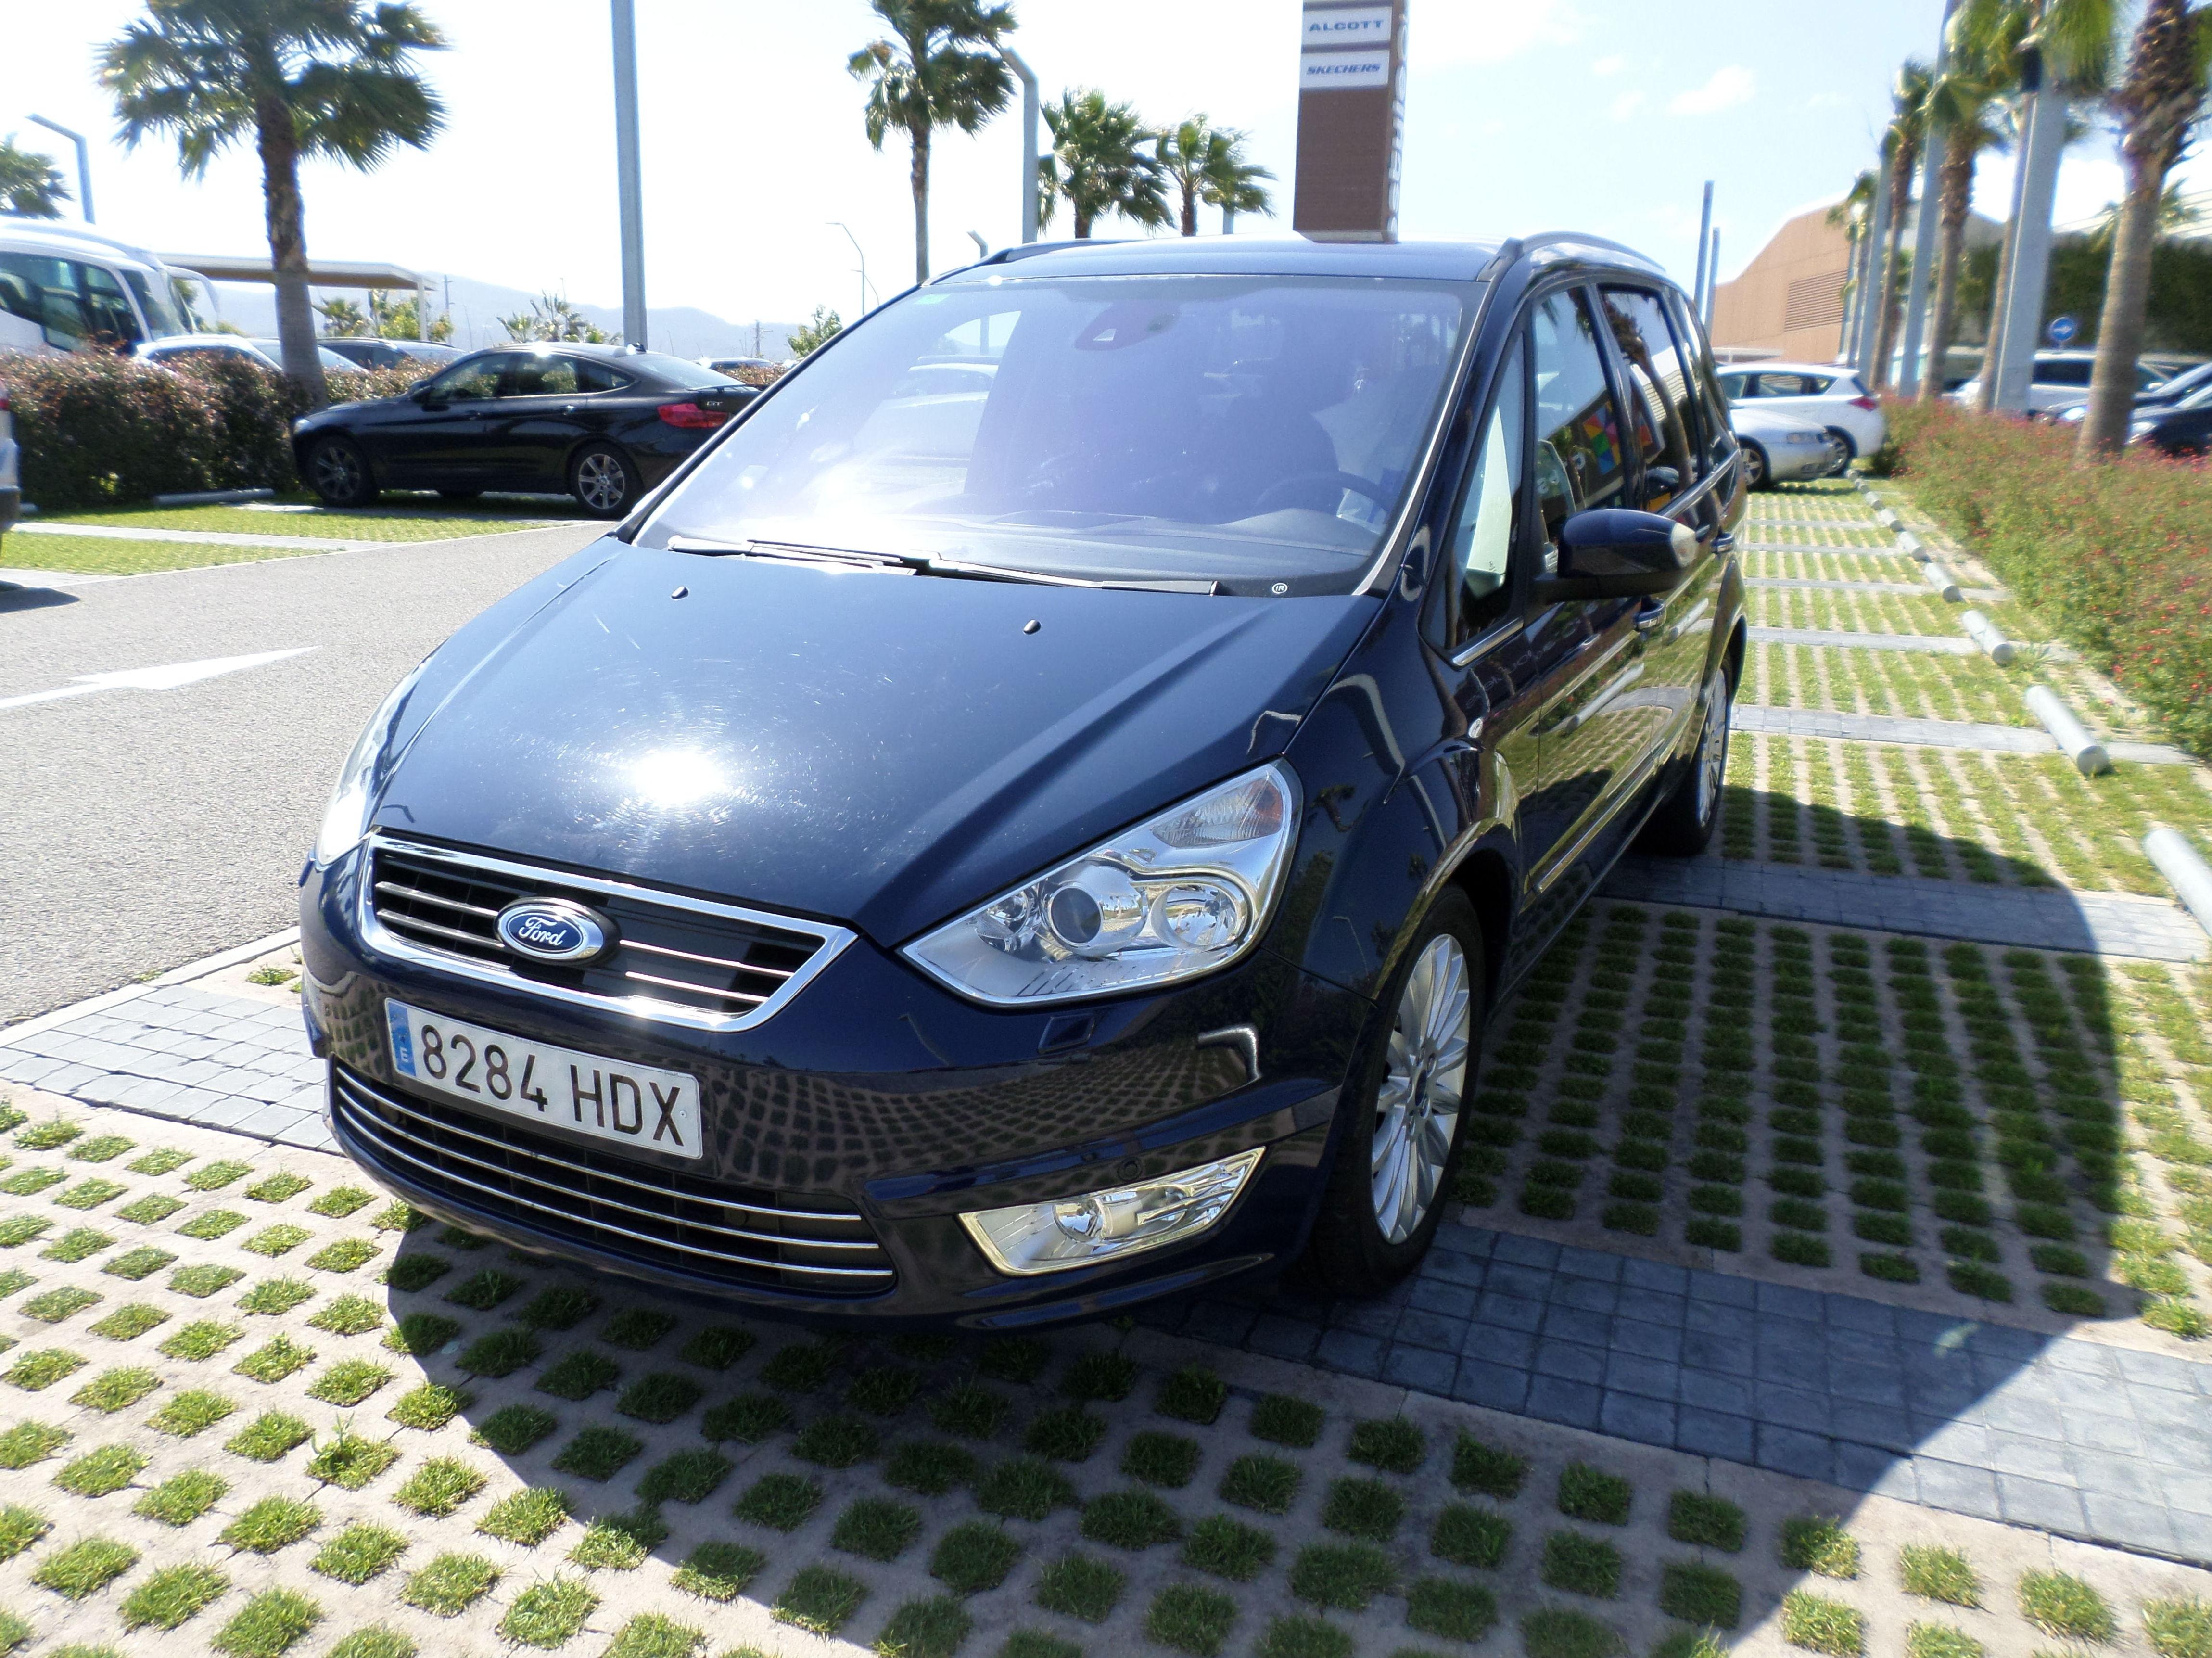 Ford Galaxy 2.2 TDCI 200 CV Automatico  2011: Servicios de reparación  de Automóviles y Talleres Dorado